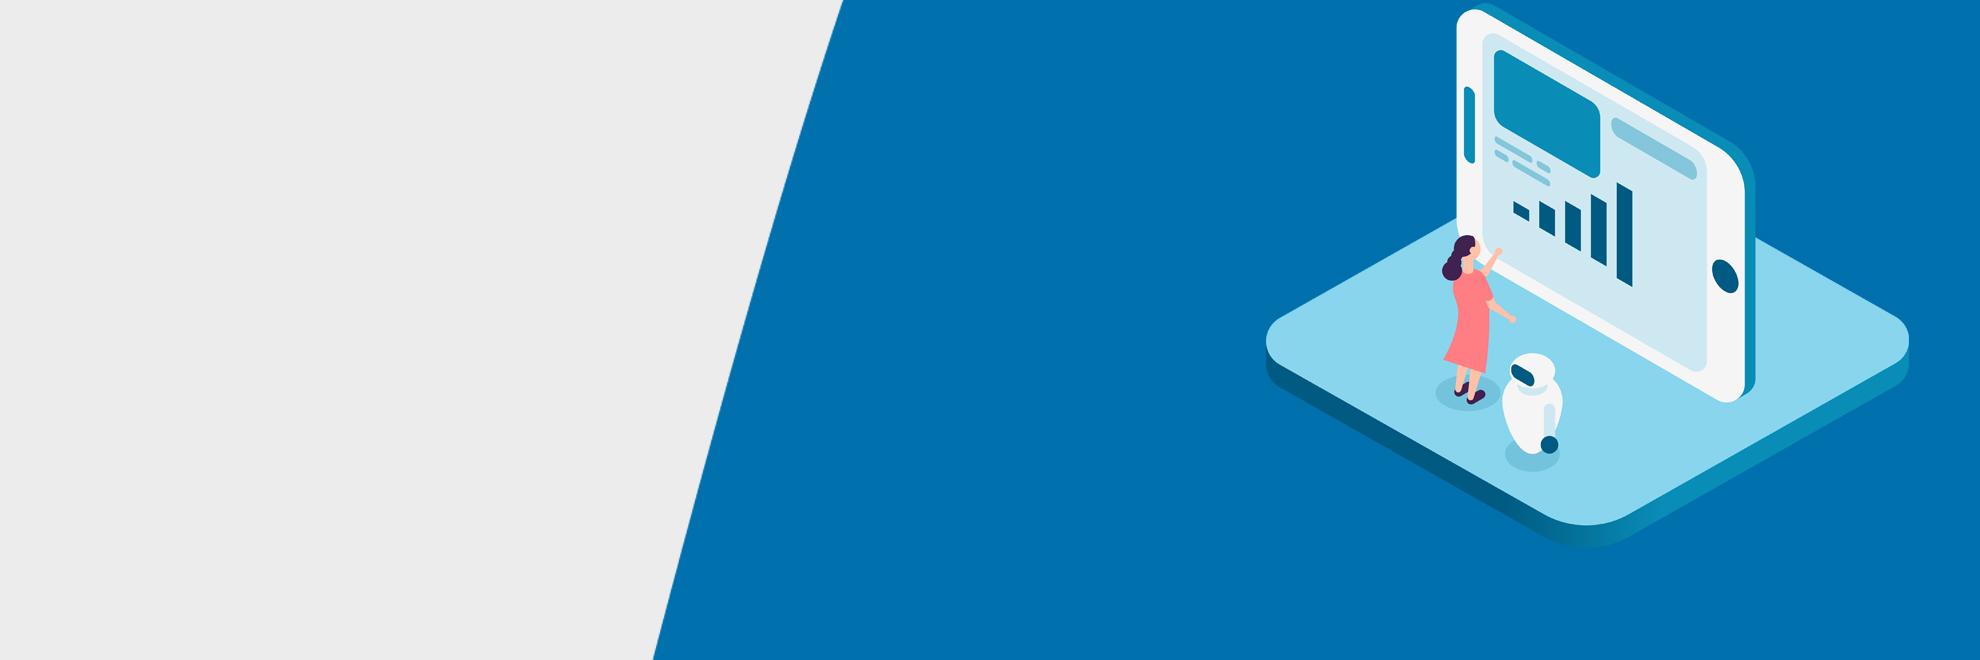 DevOps Webcast am 23.6.2020 von 10.00-11.30 Uhr